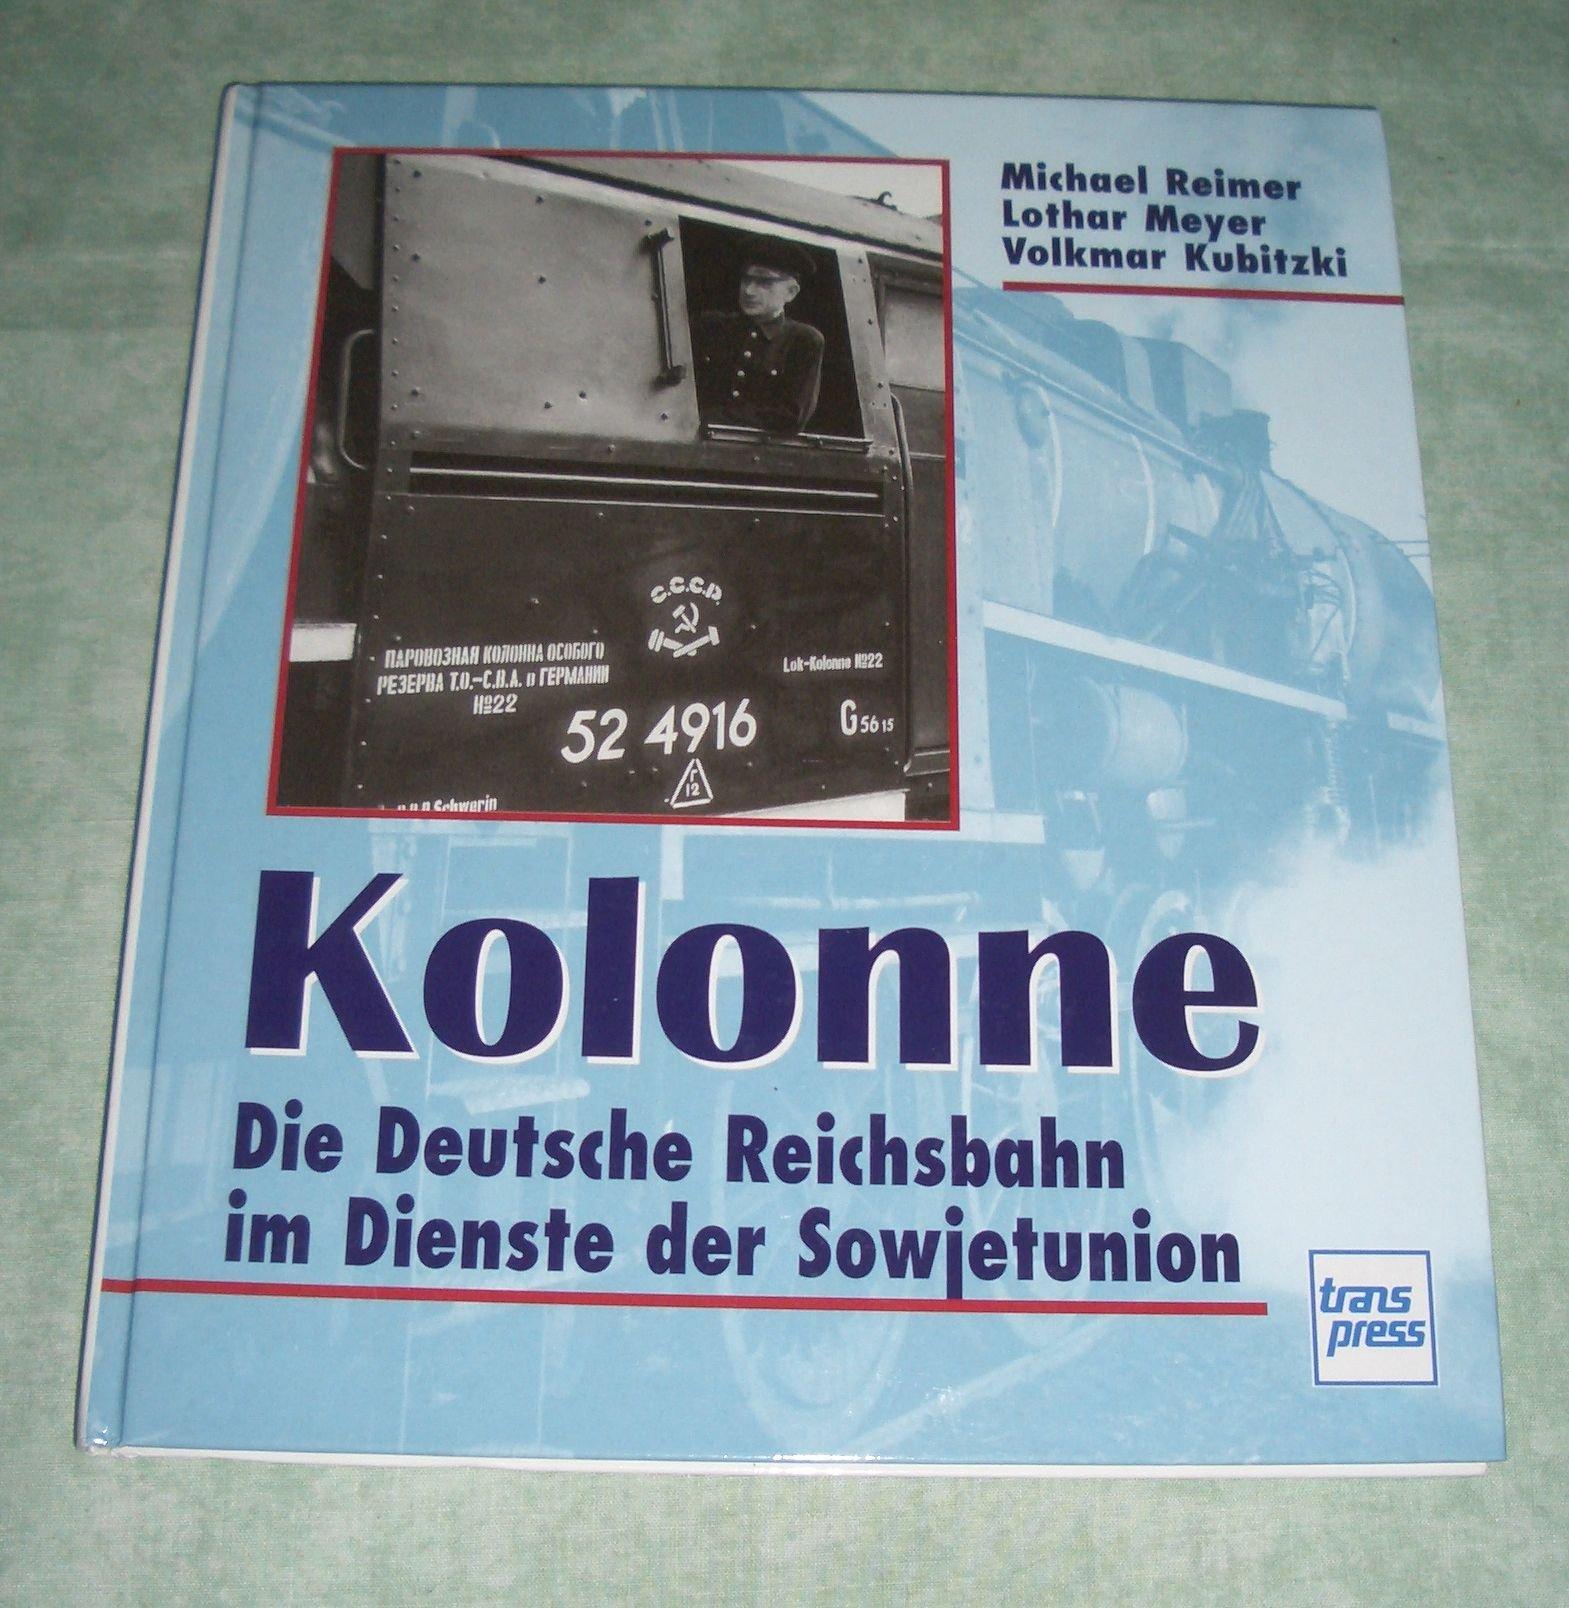 Kolonne. Die Deutsche Reichsbahn im Dienste der Sowjetunion.